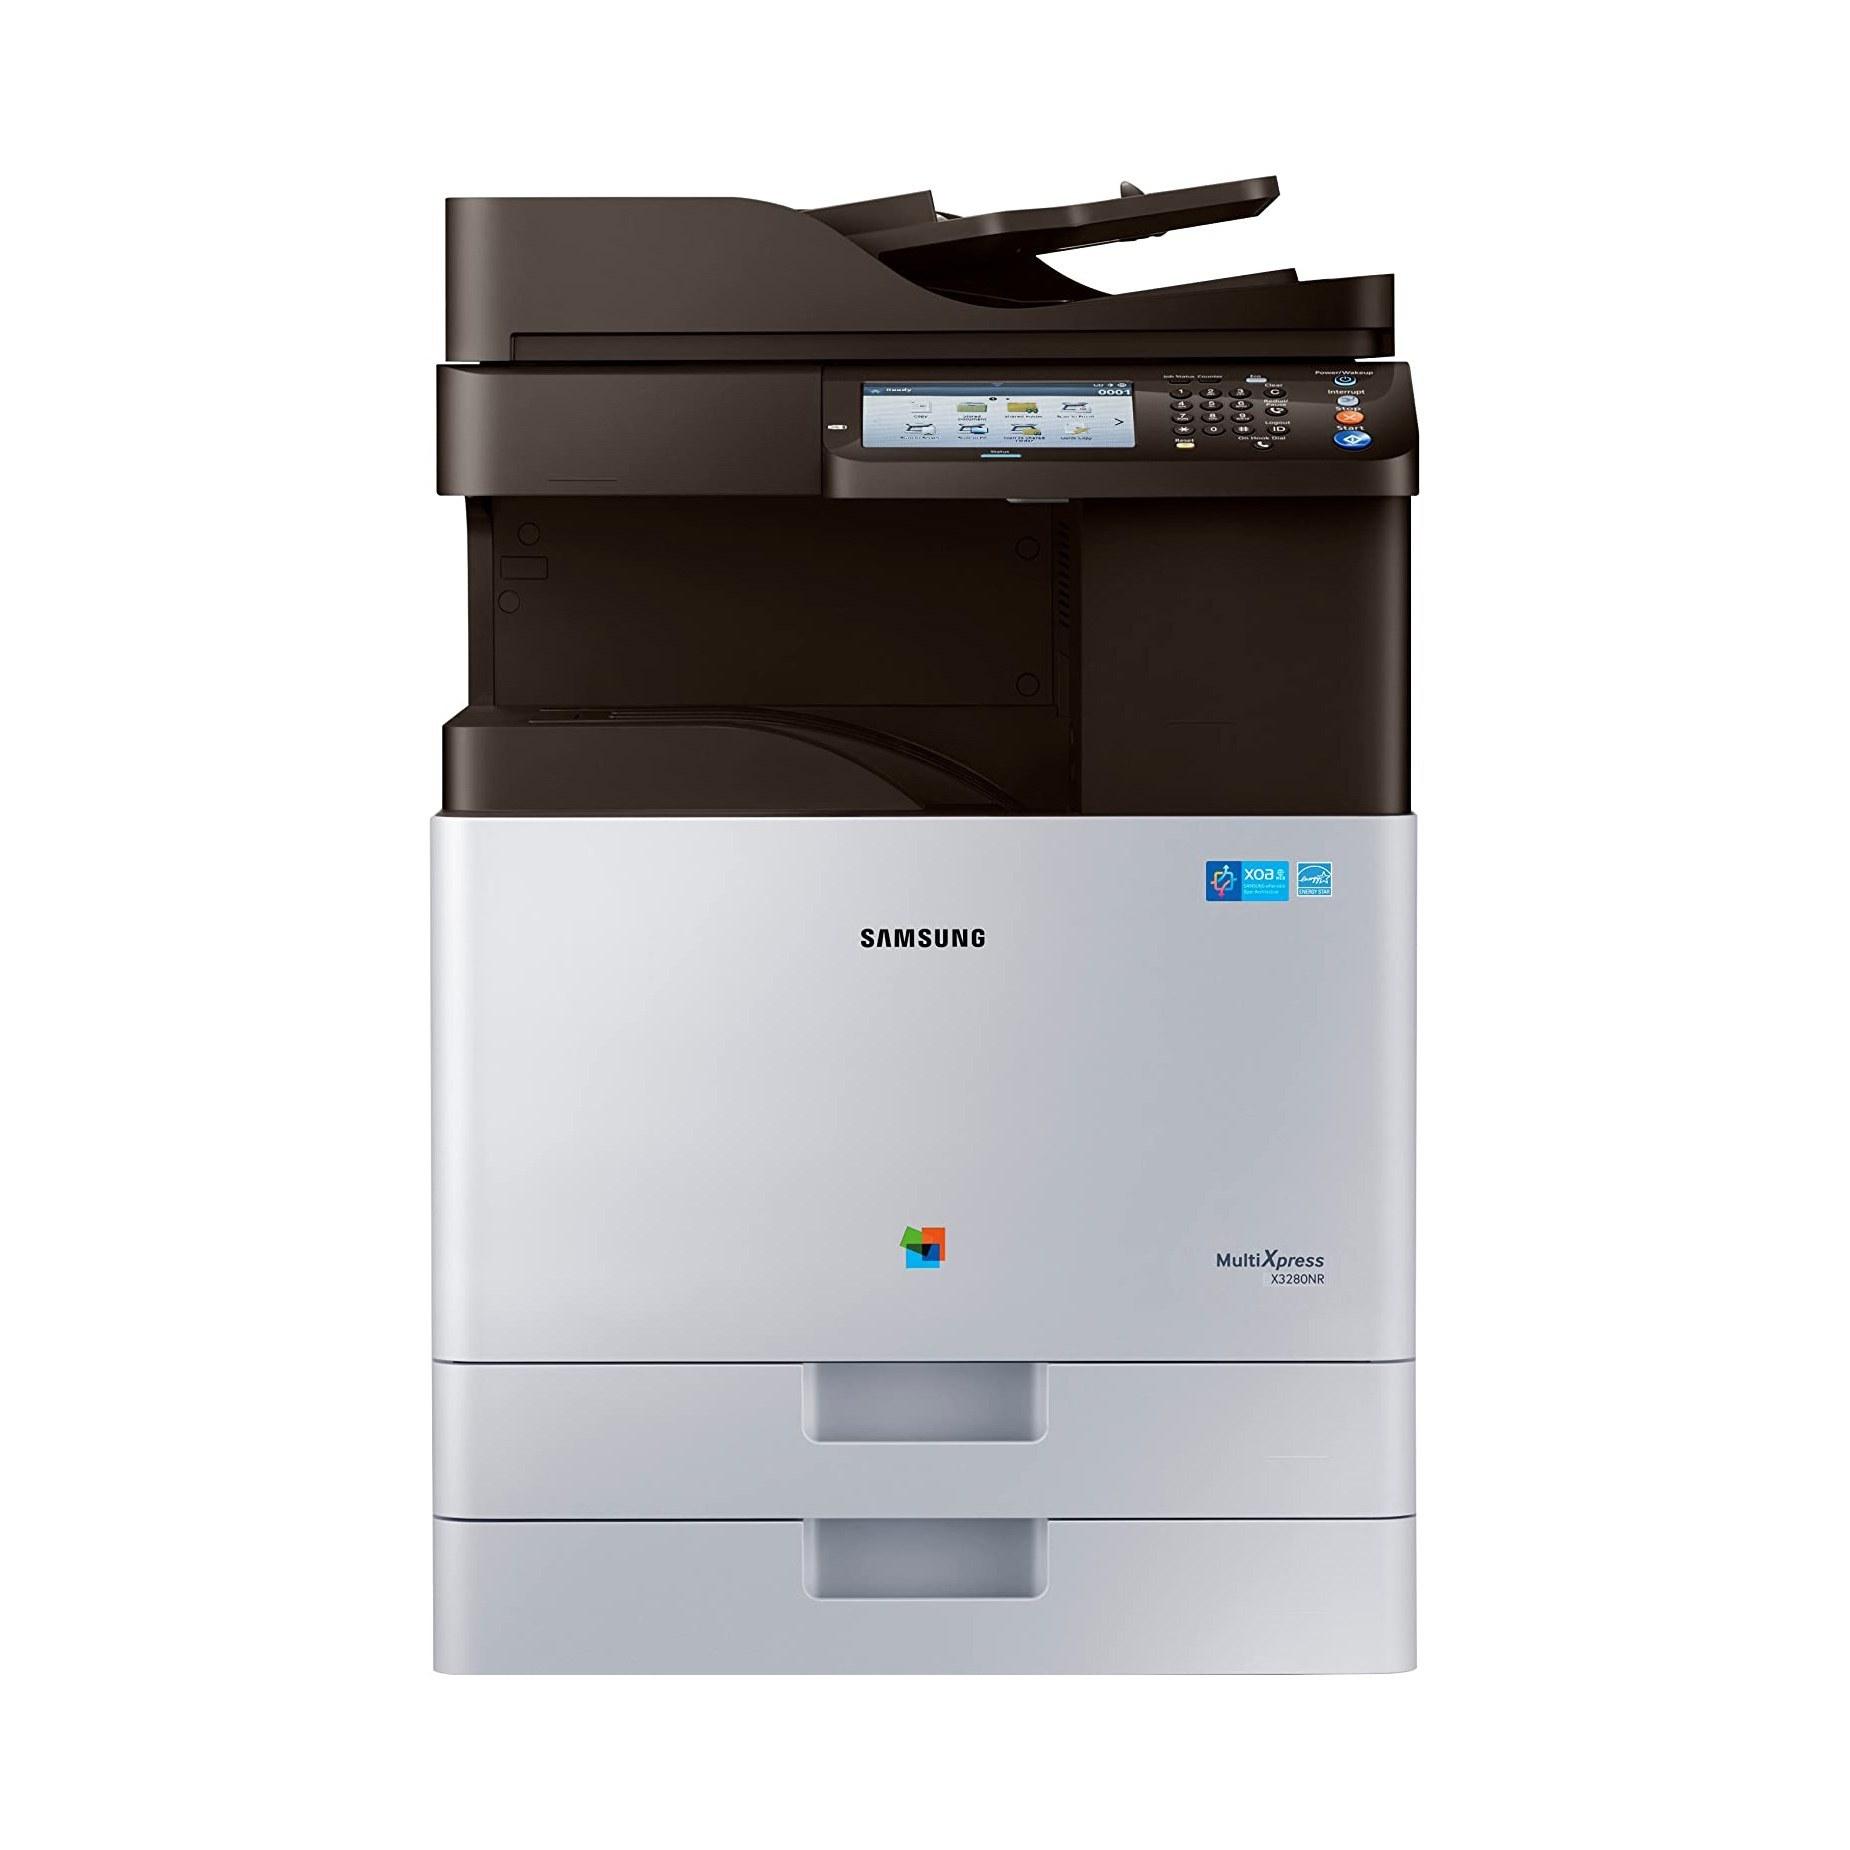 تصویر پرینتر چند کاره لیزری سامسونگ مدل SL-X3280NR Samsung MultiXpress SL-X3280NR Laser Printer